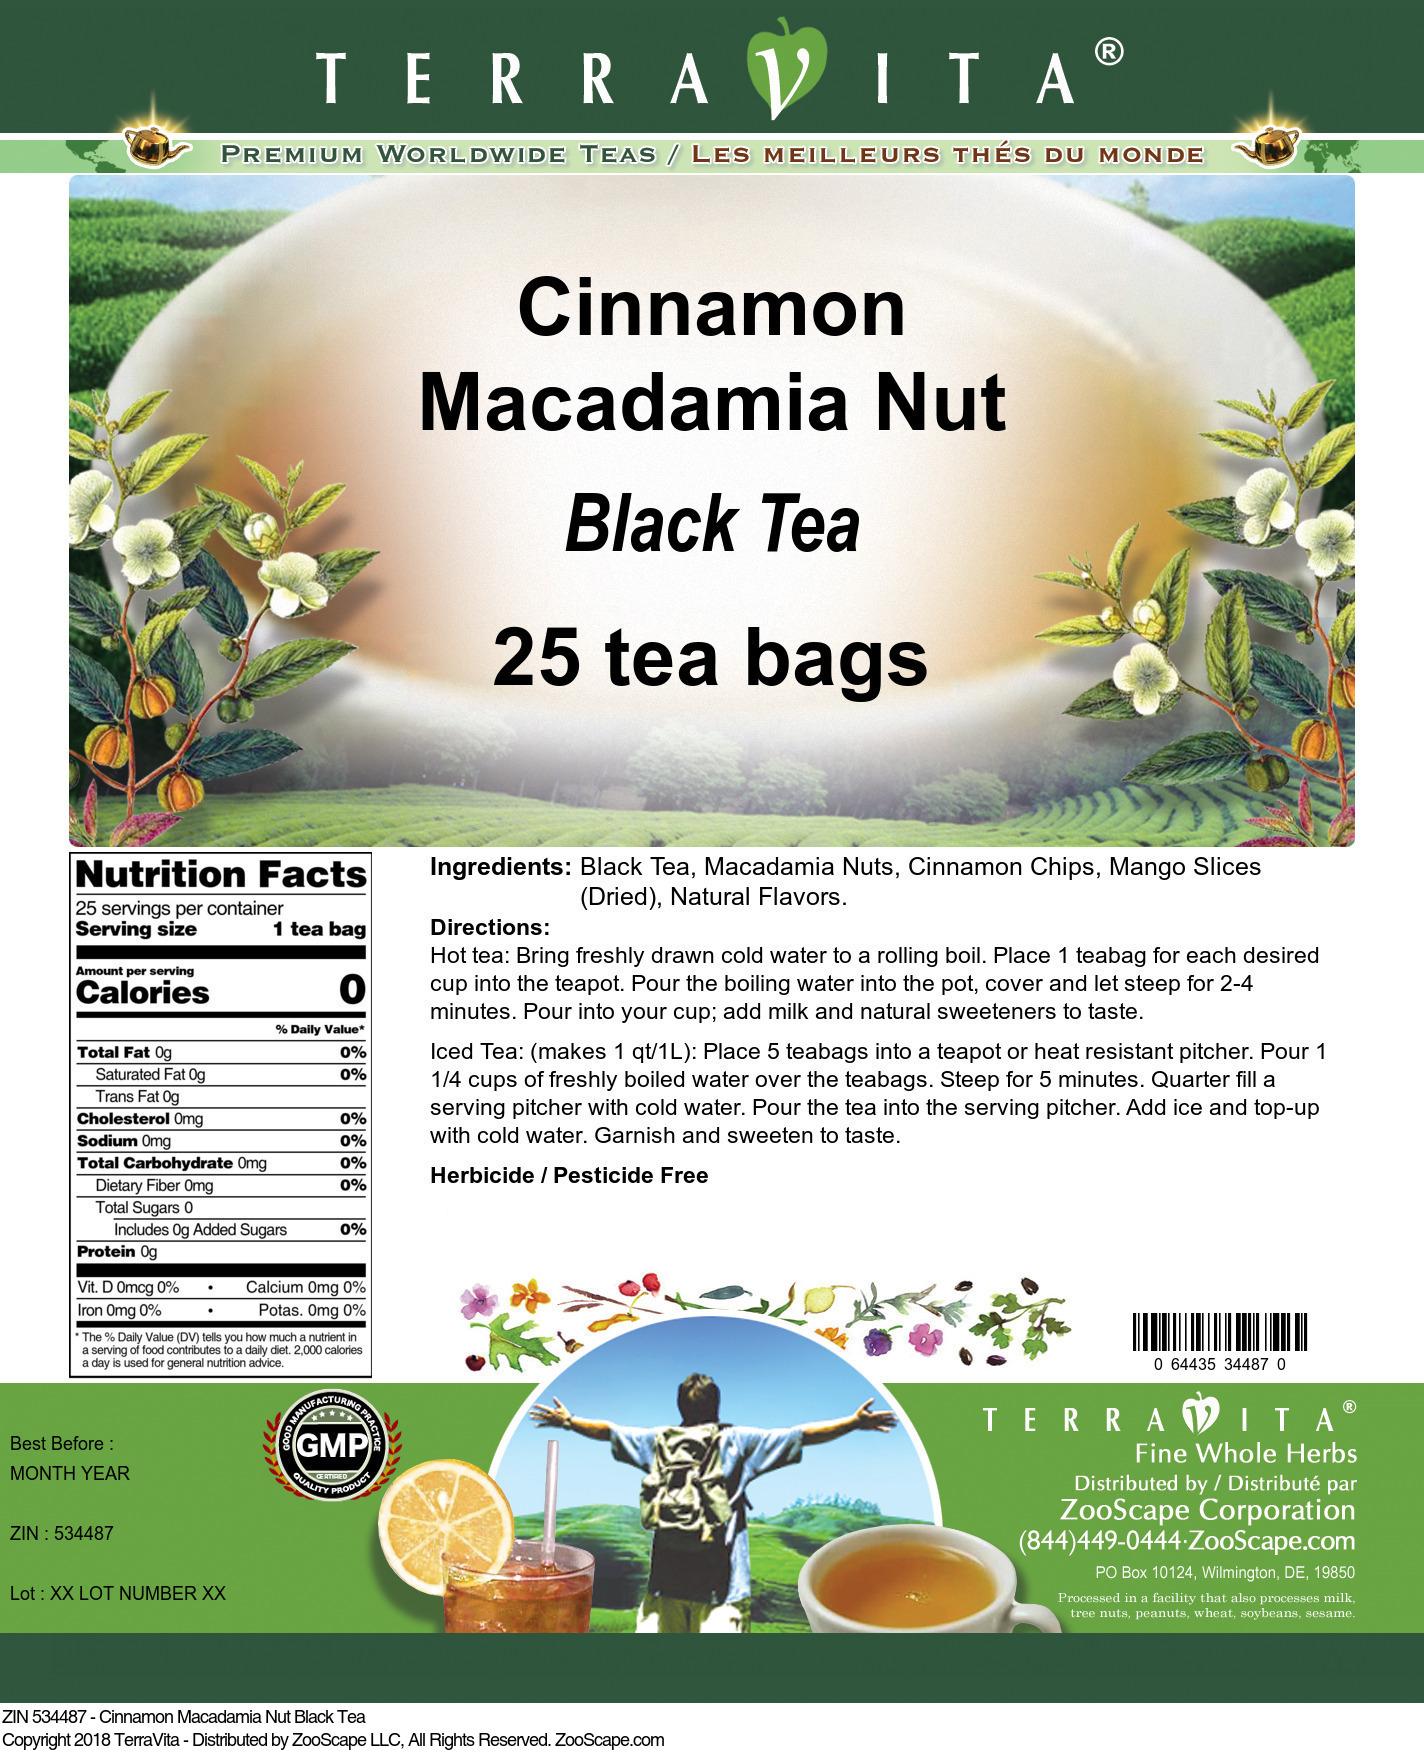 Cinnamon Macadamia Nut Black Tea